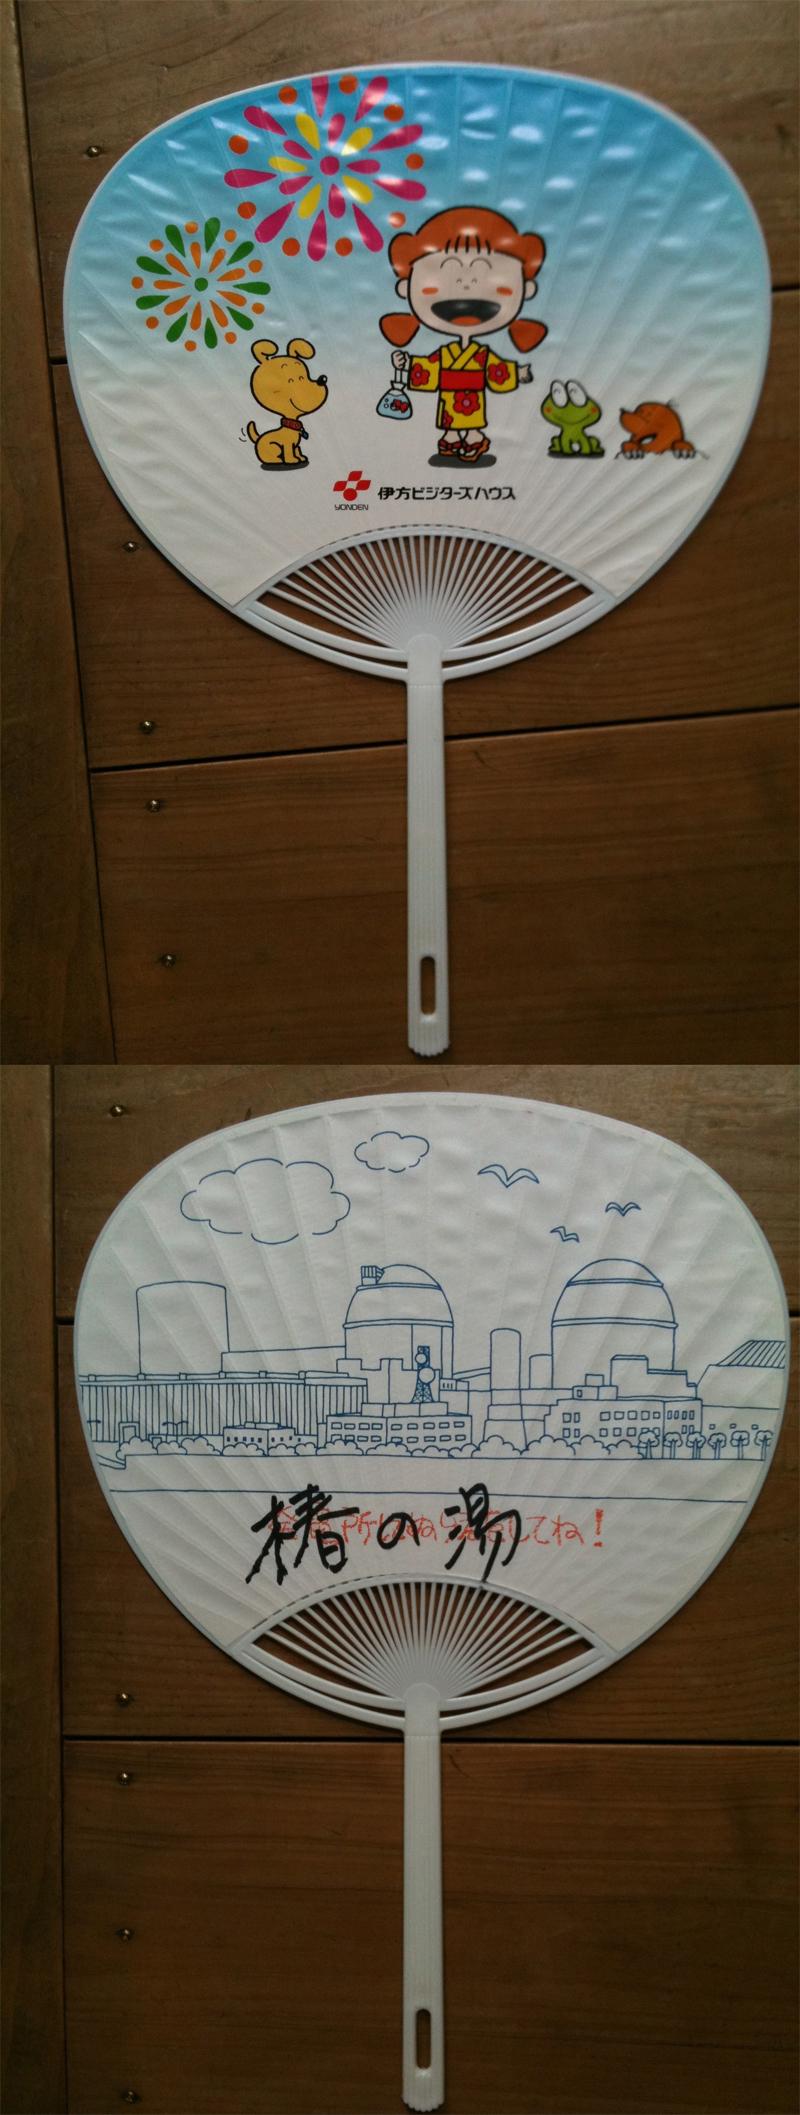 Praktisches Giveaway der japanischen Atomindustrie